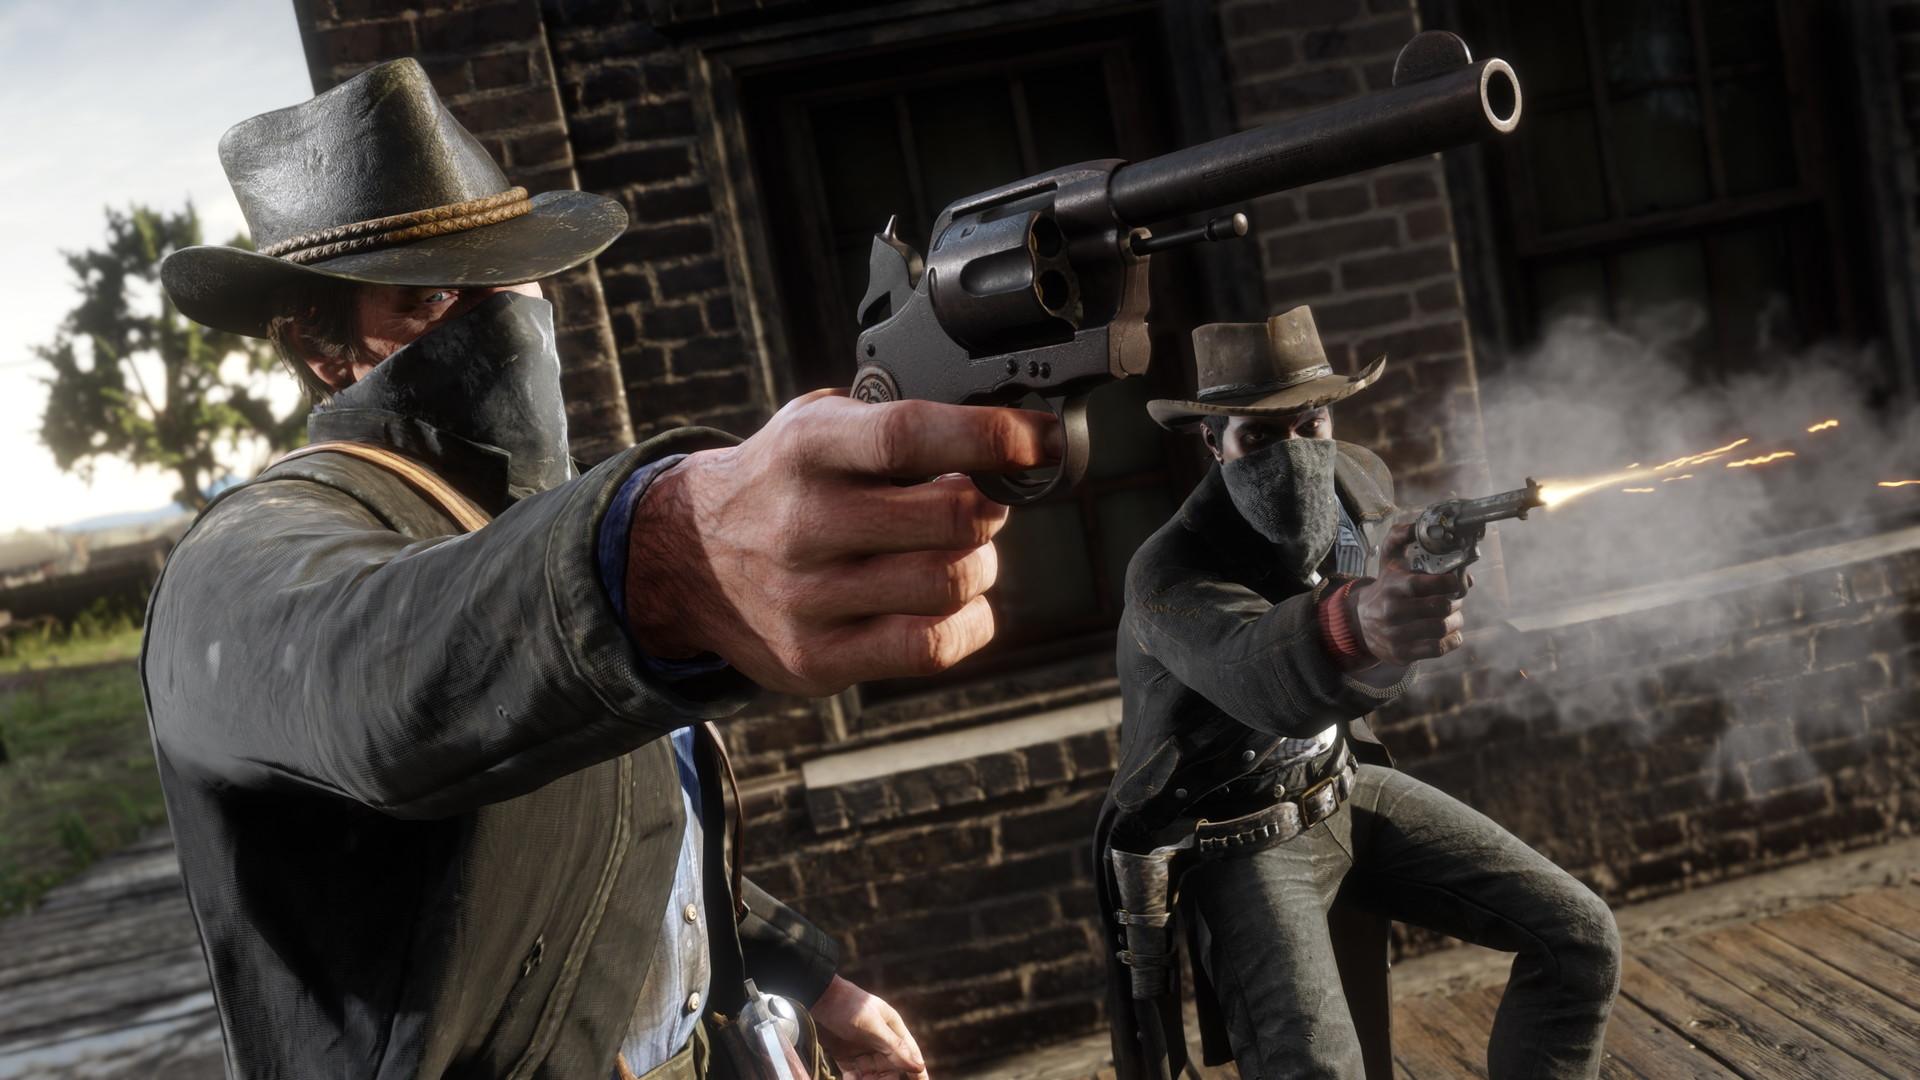 荒野大镖客2/Red Dead Redemption 2(全DLC终极版+更新修复崩溃补丁+送神秘小姐姐补丁)插图3